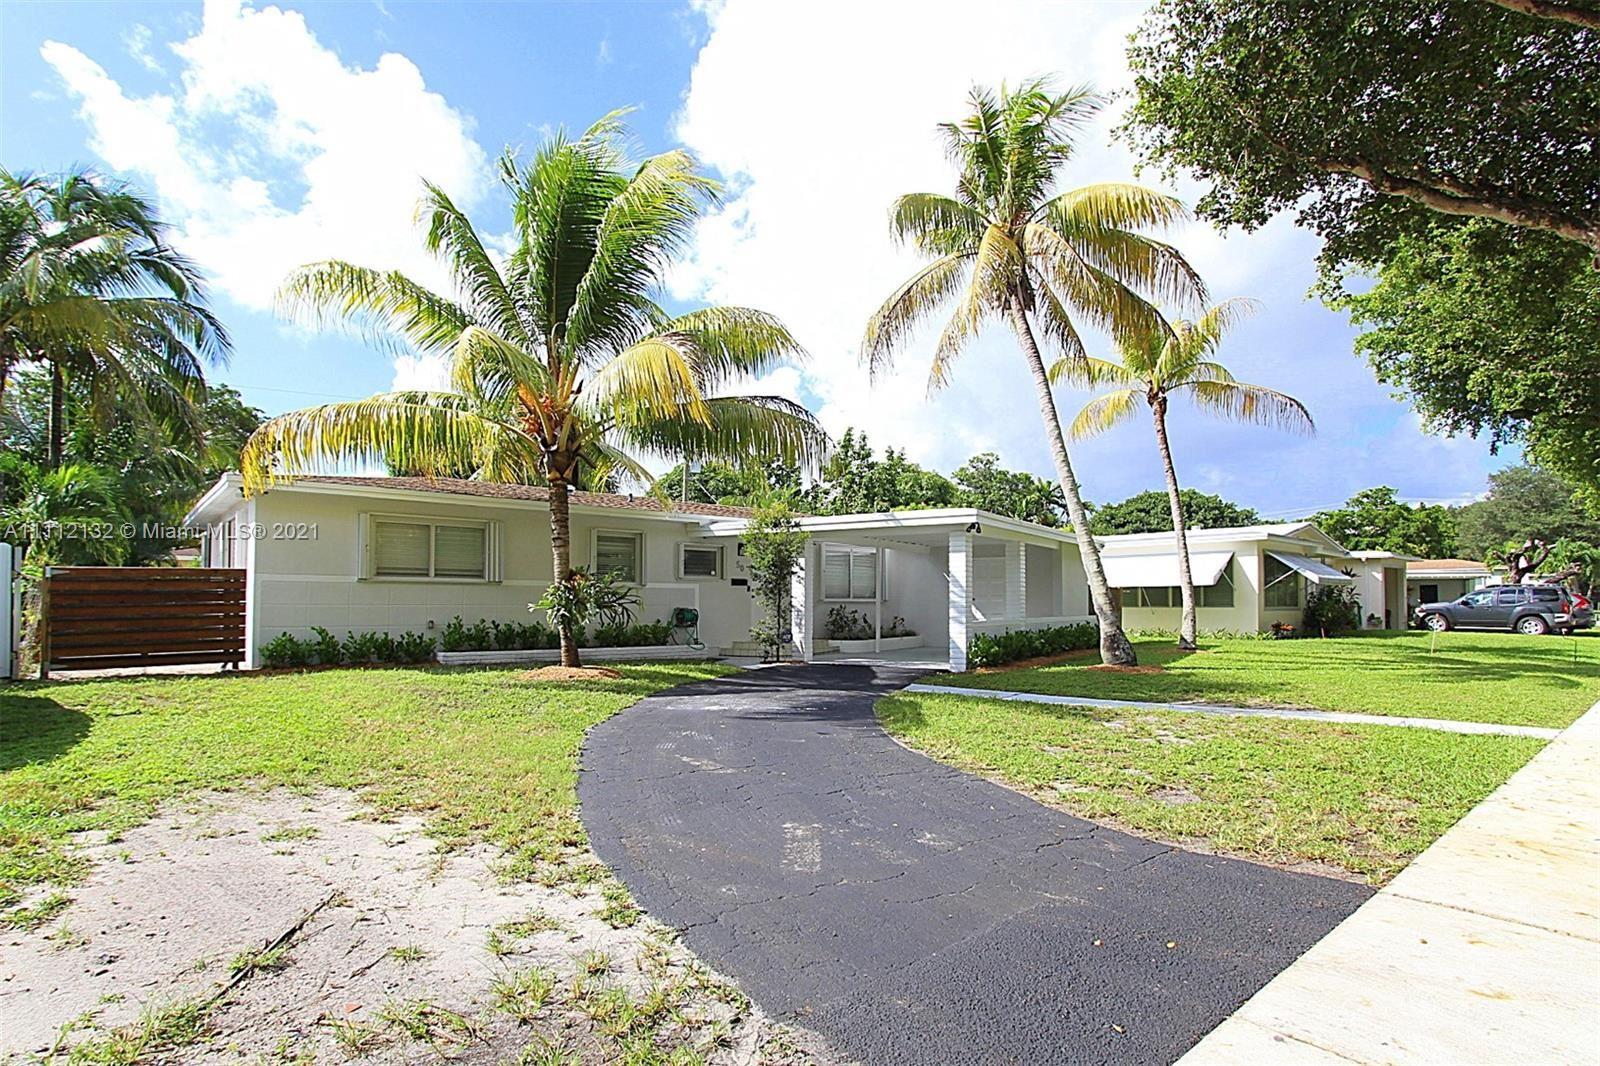 Photo of 50 NE 131st St, North Miami, FL 33161 (MLS # A11112132)